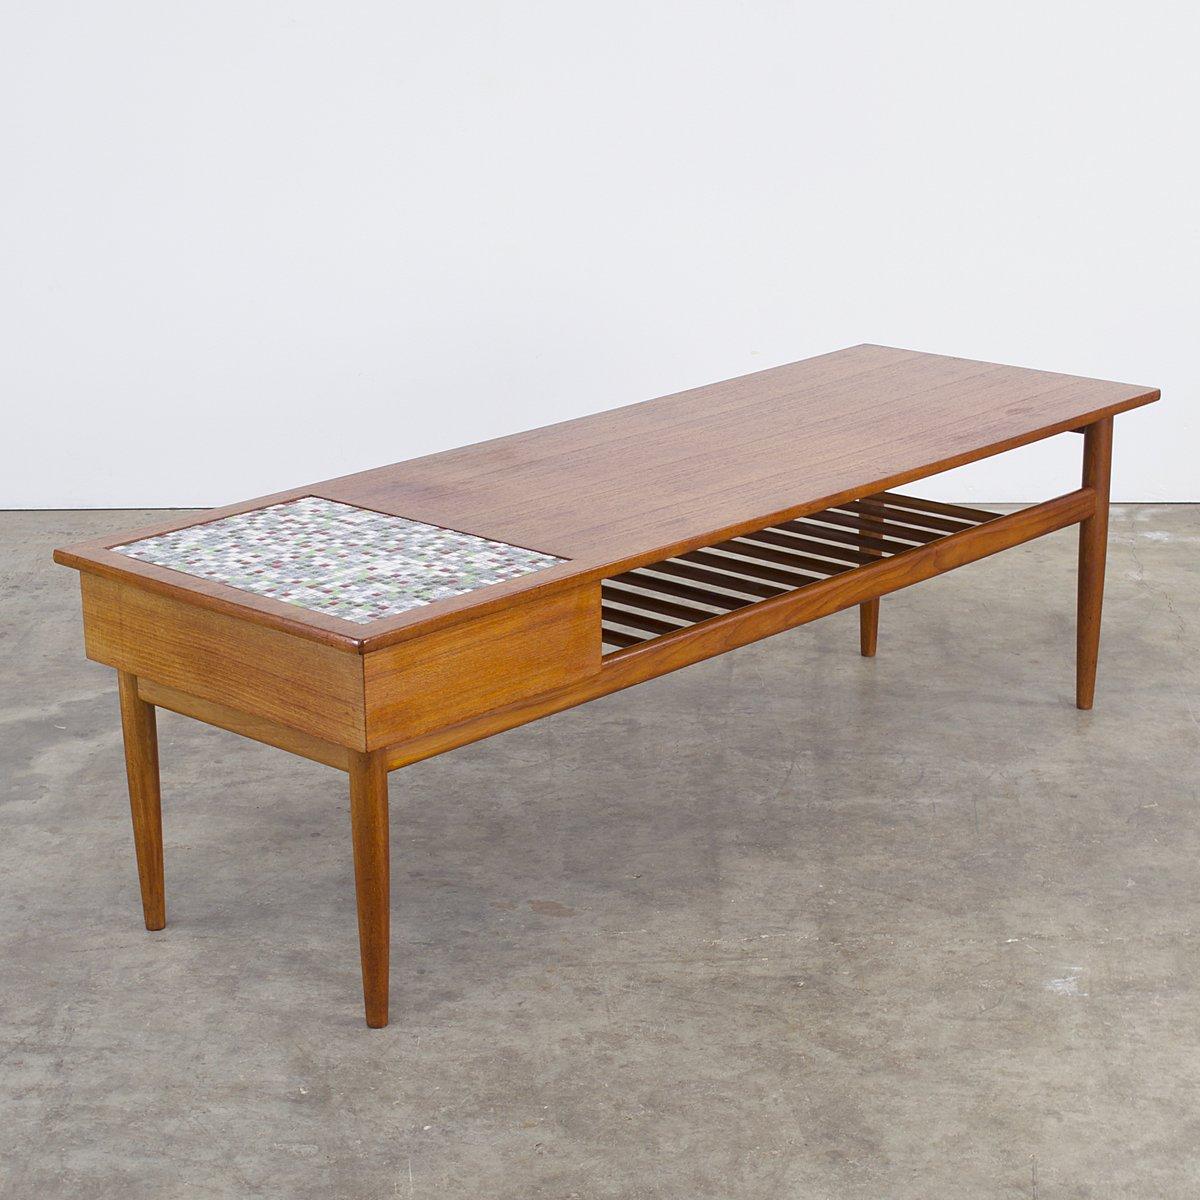 table basse en teck et en mosa que 1960s en vente sur pamono. Black Bedroom Furniture Sets. Home Design Ideas